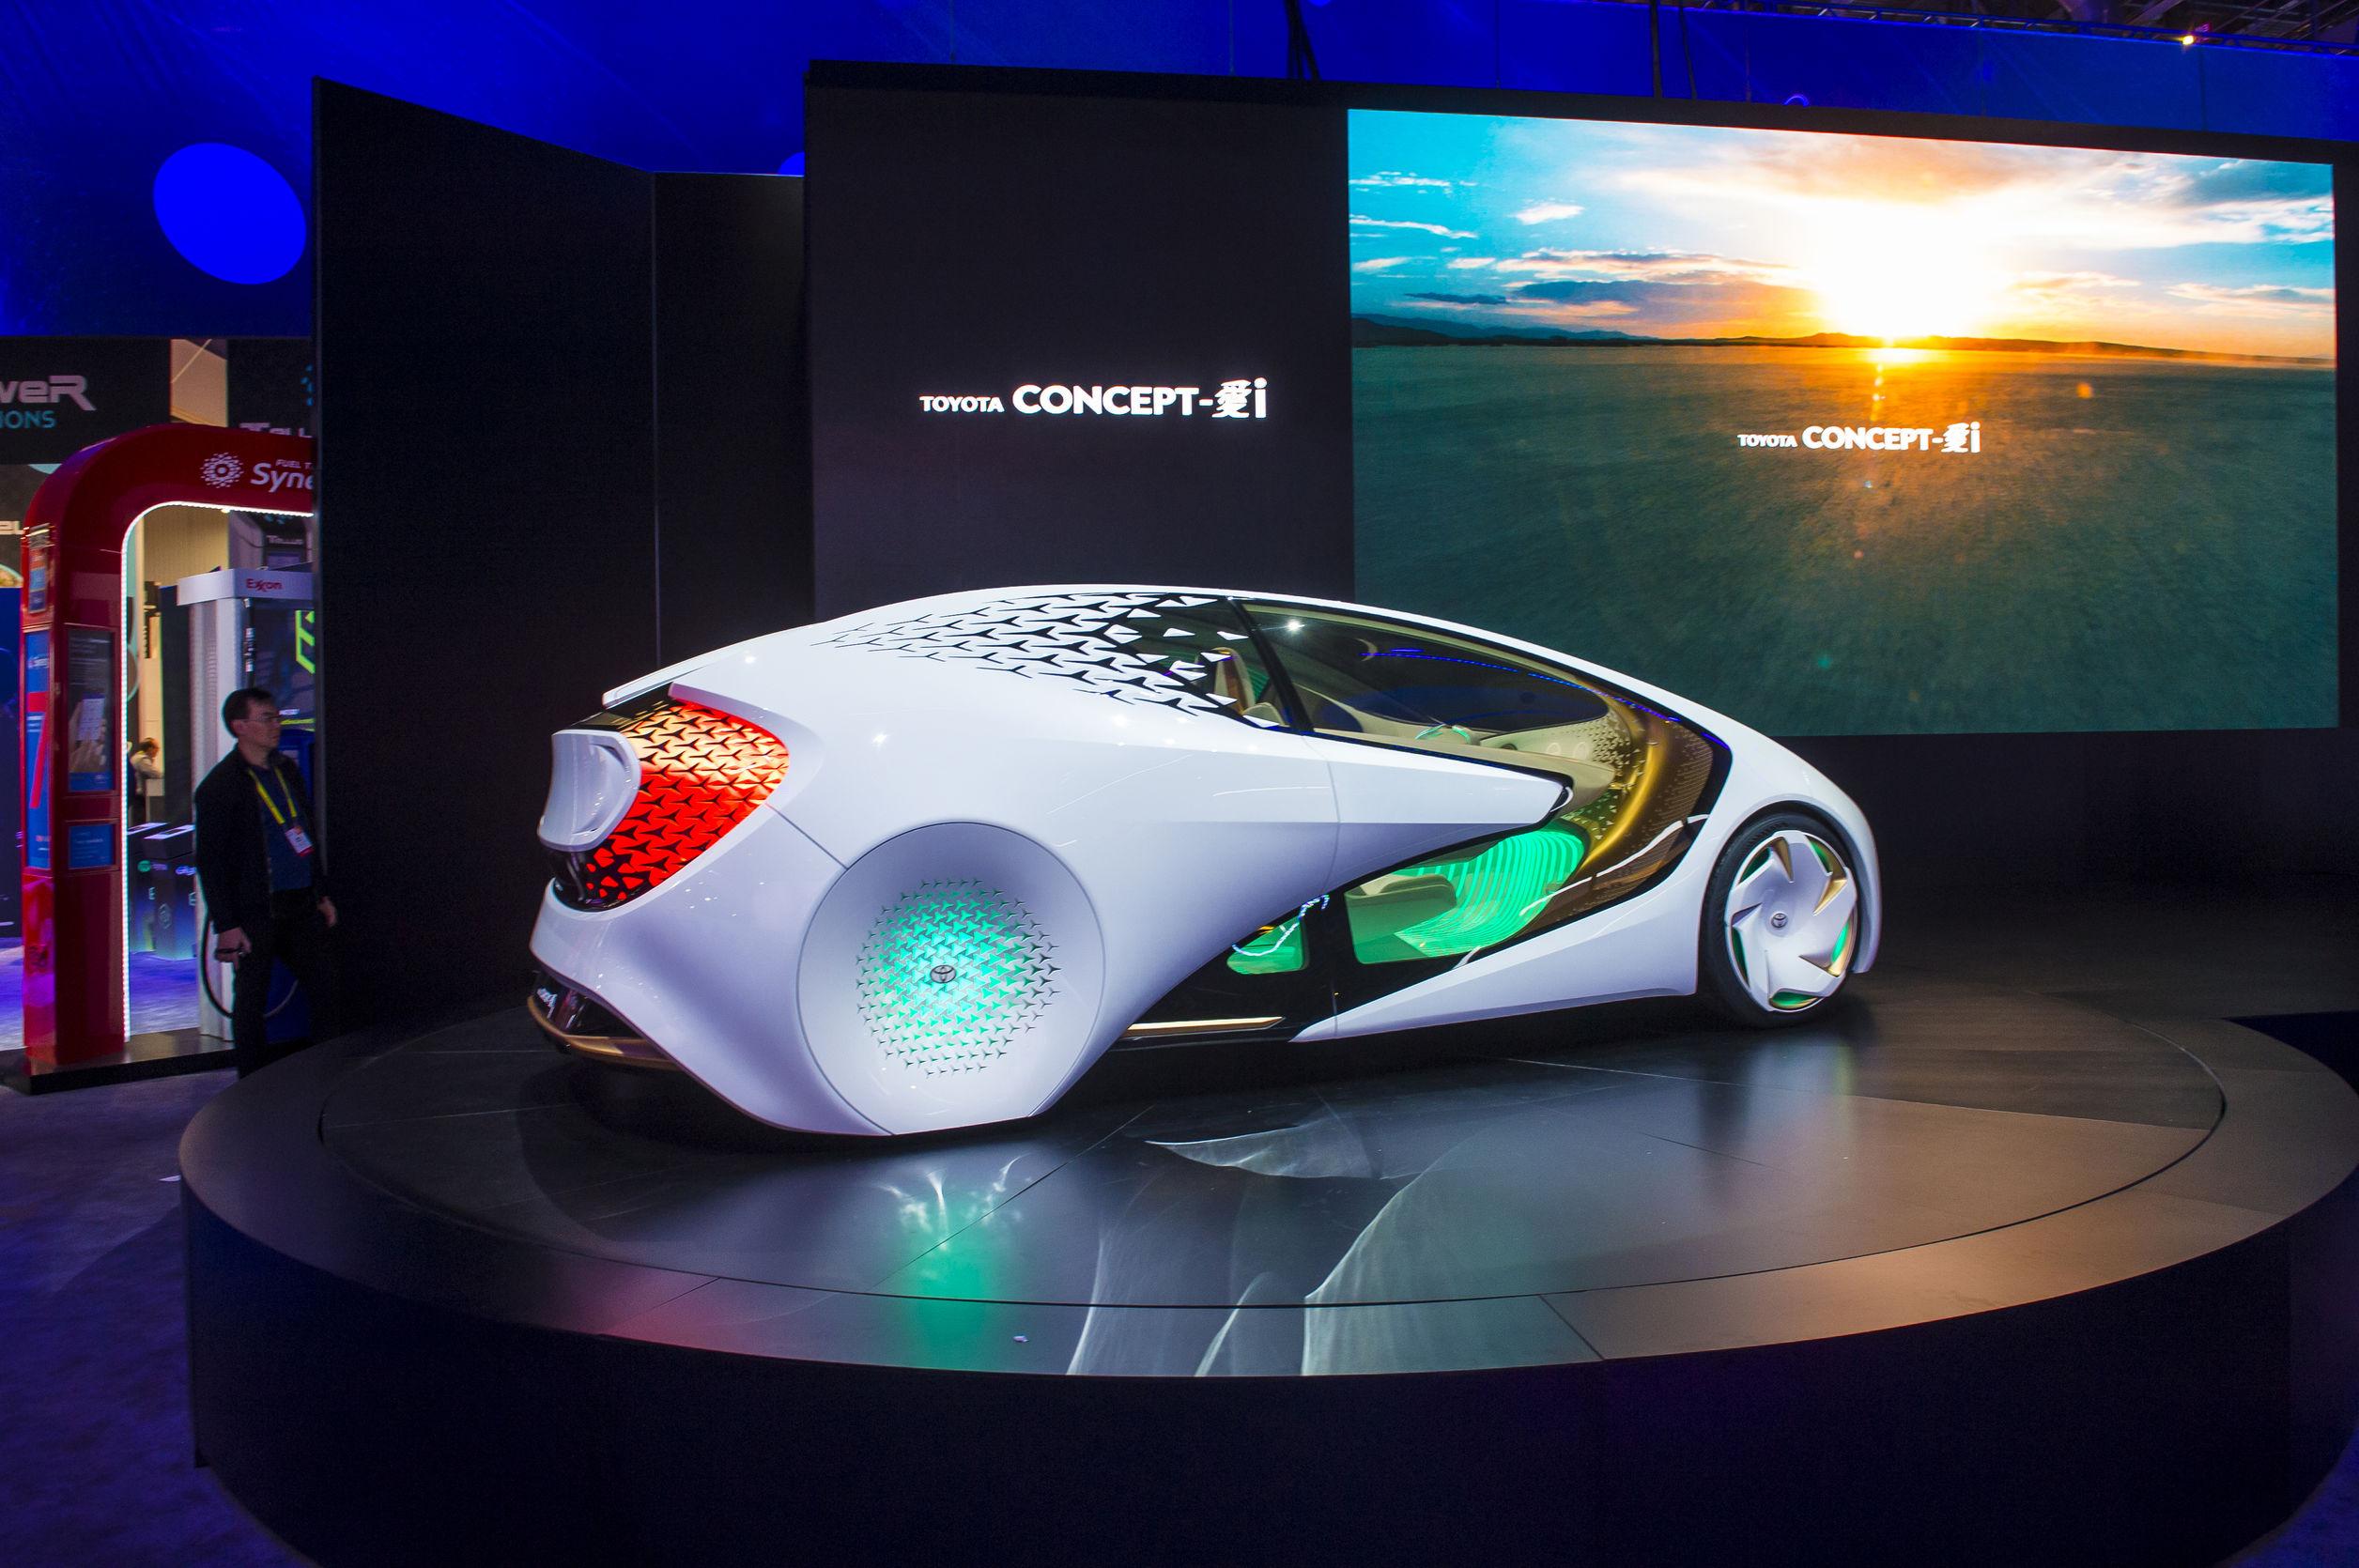 2016年1月8日にラスベガス、ナバダでのCESショーでトヨタコンセプトカー。(CES:世界有数の家電ショー)